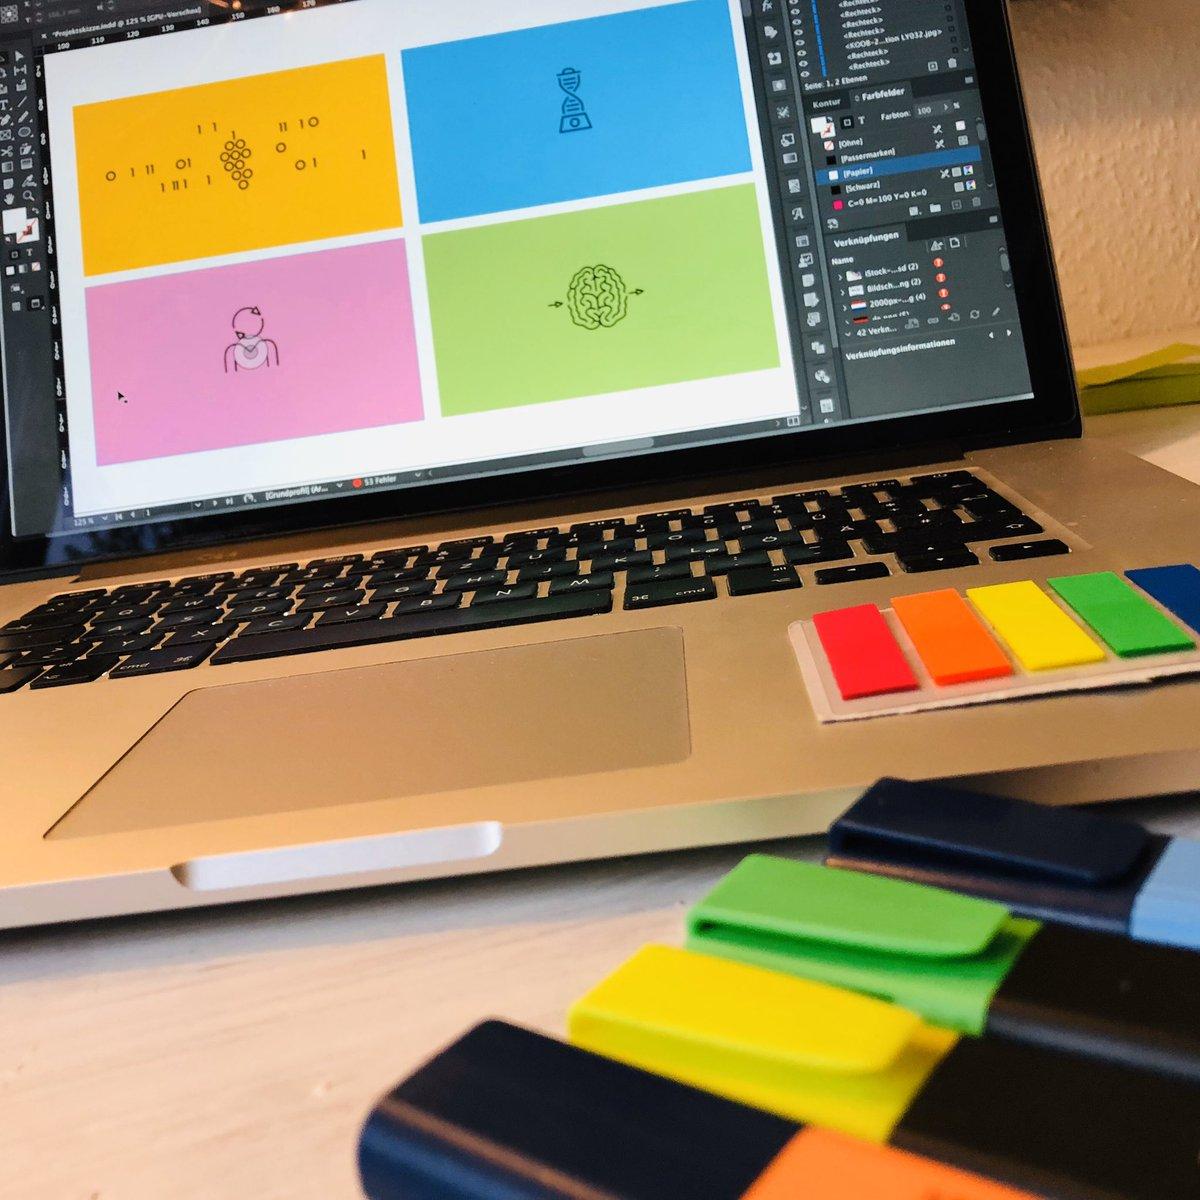 Ja wir sind und bleiben als PR-Agentur primär die Gelben, aber beim Relauch unseres CD ergänzenn wir vier Sekundärfarben. #corporatedesign #relaunch #stateoftheart